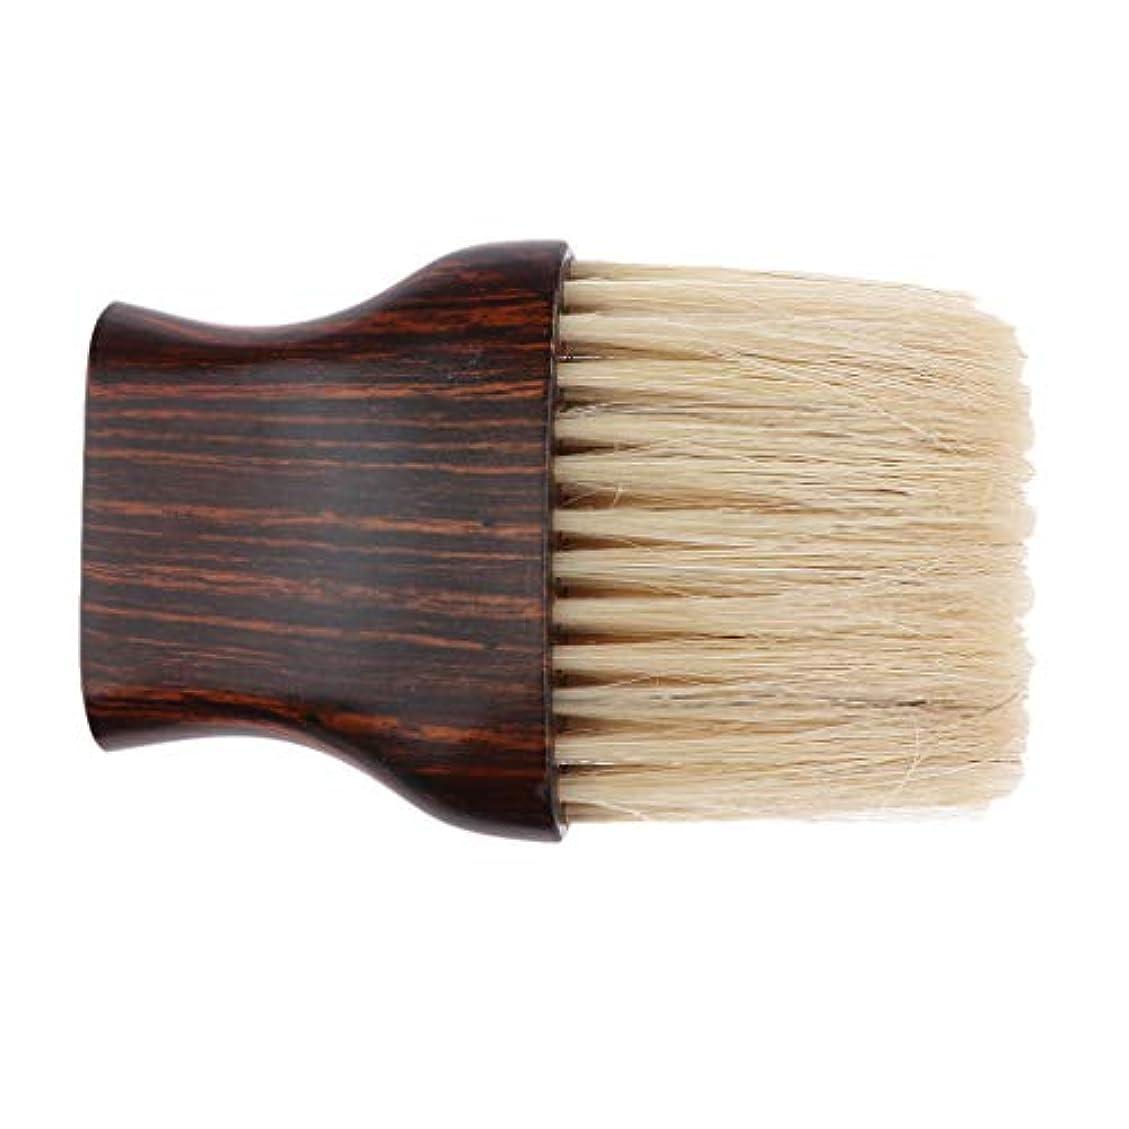 受粉者パイロットフェリーPerfeclan ヘアブラシ 毛払いブラシ 木製ハンドル 散髪 髪切り 散髪用ツール 理髪店 美容院 ソフトブラシ